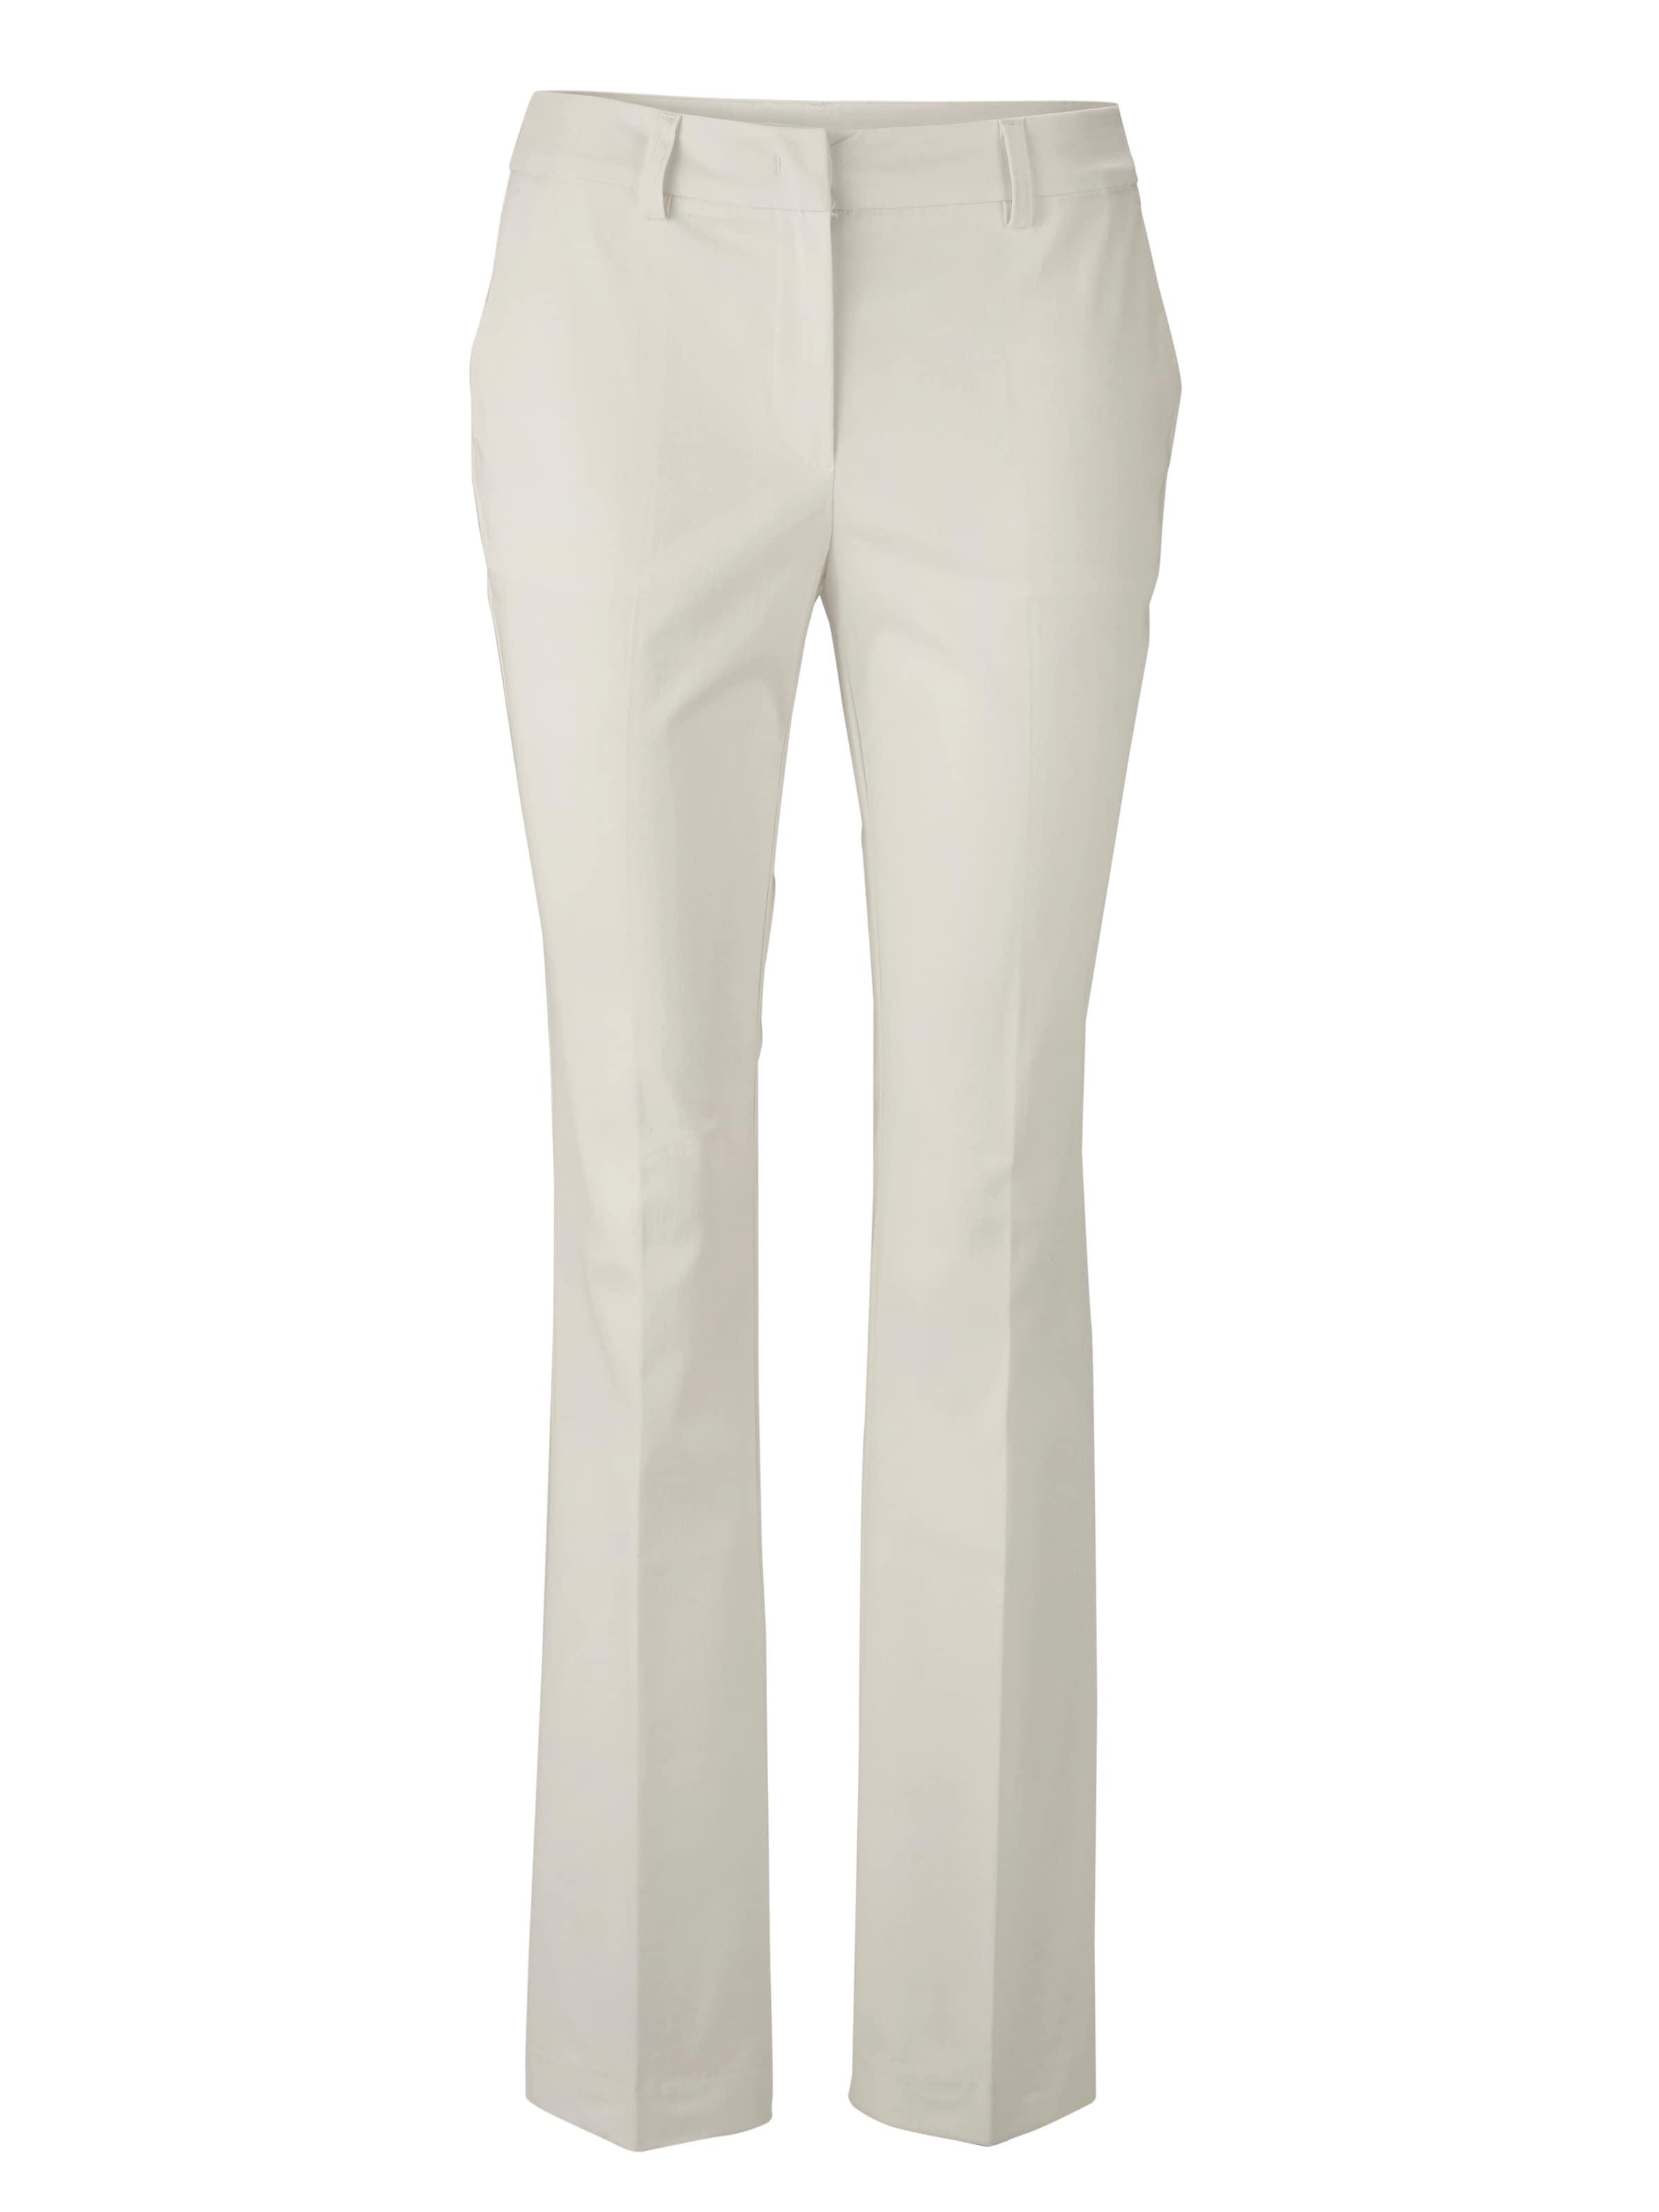 En Pantalon Heine Heine Blanc Cassé Pantalon 3A5L4Rjq